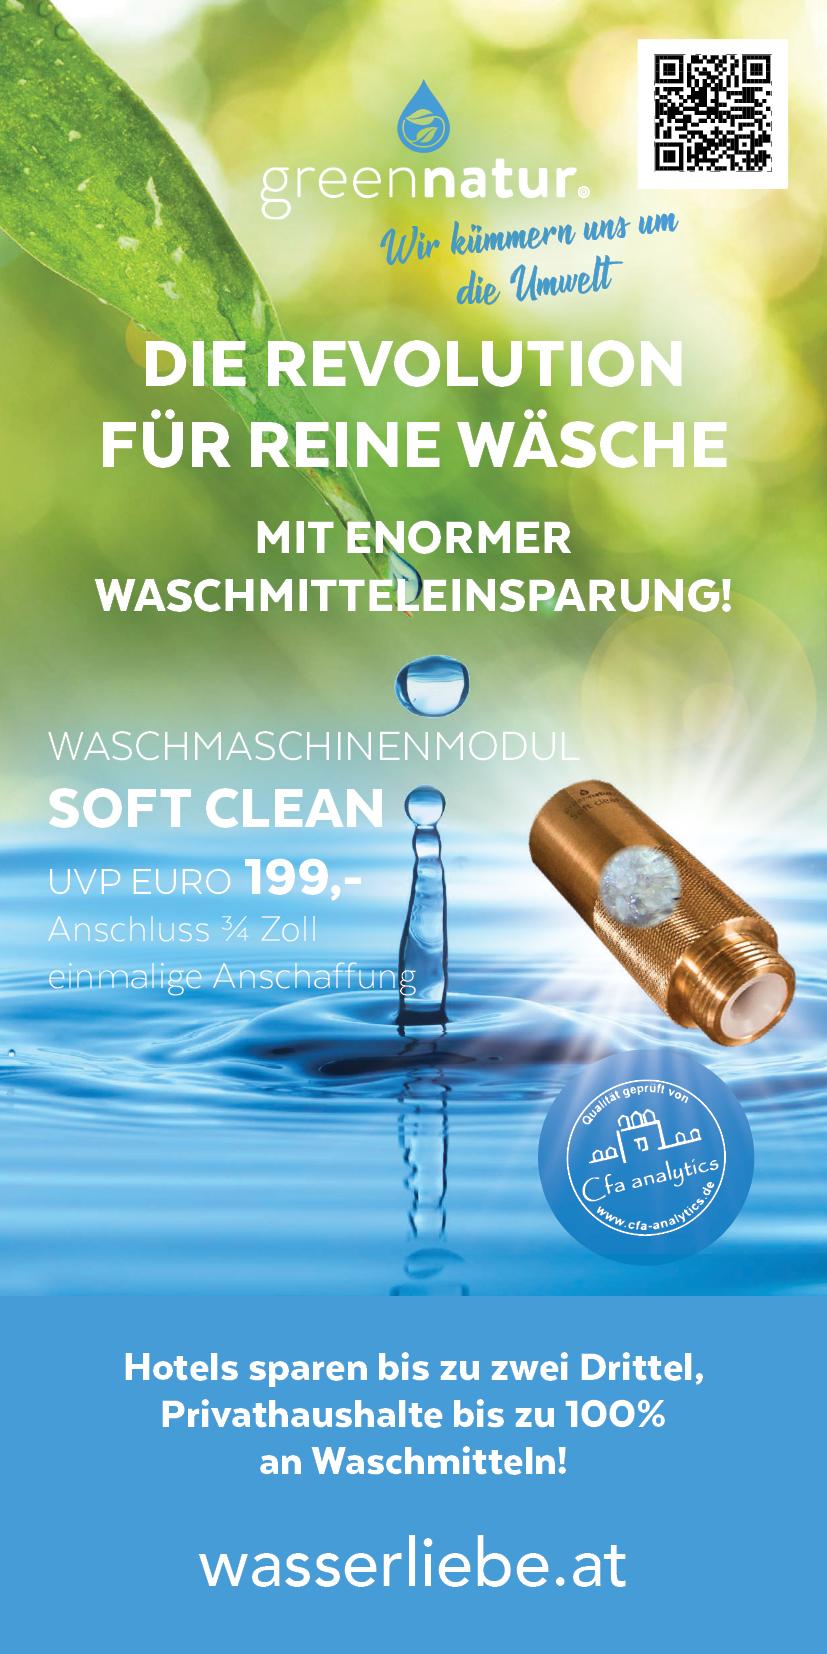 greennatur softclean wäsche waschen Waschmittel Persil Ariel Martina Still gesunde Seele Waschmodul Reinigung Umwelt Nachhaltig